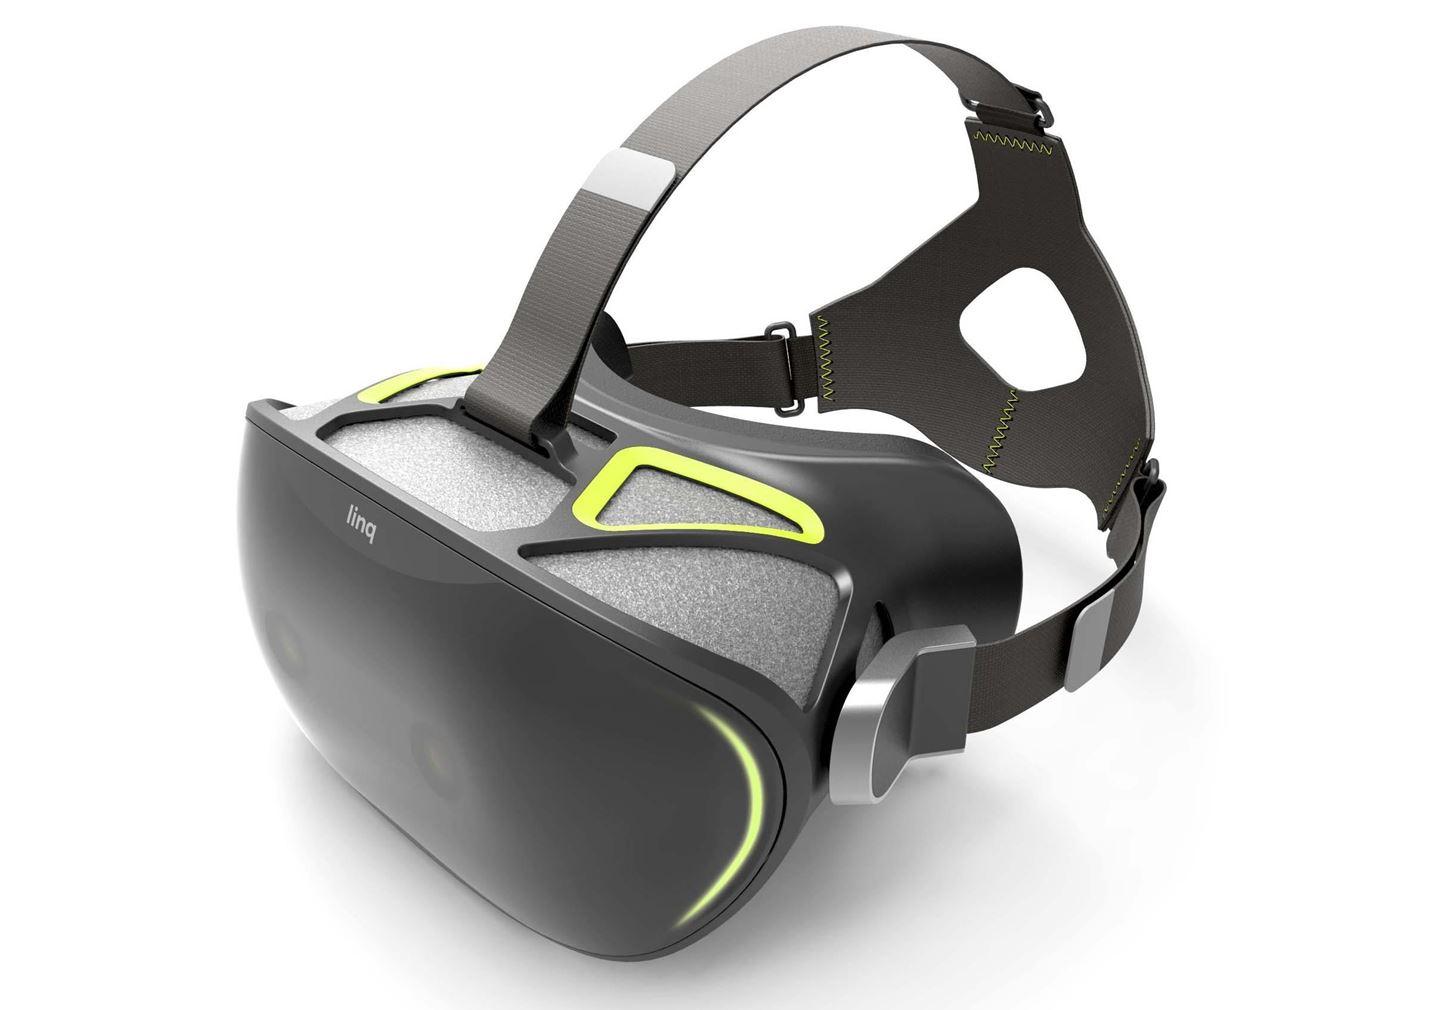 Stereolabs' Upcoming Mixed Reality Headset Takes Direct Aim at HoloLens' Lack of Gaming